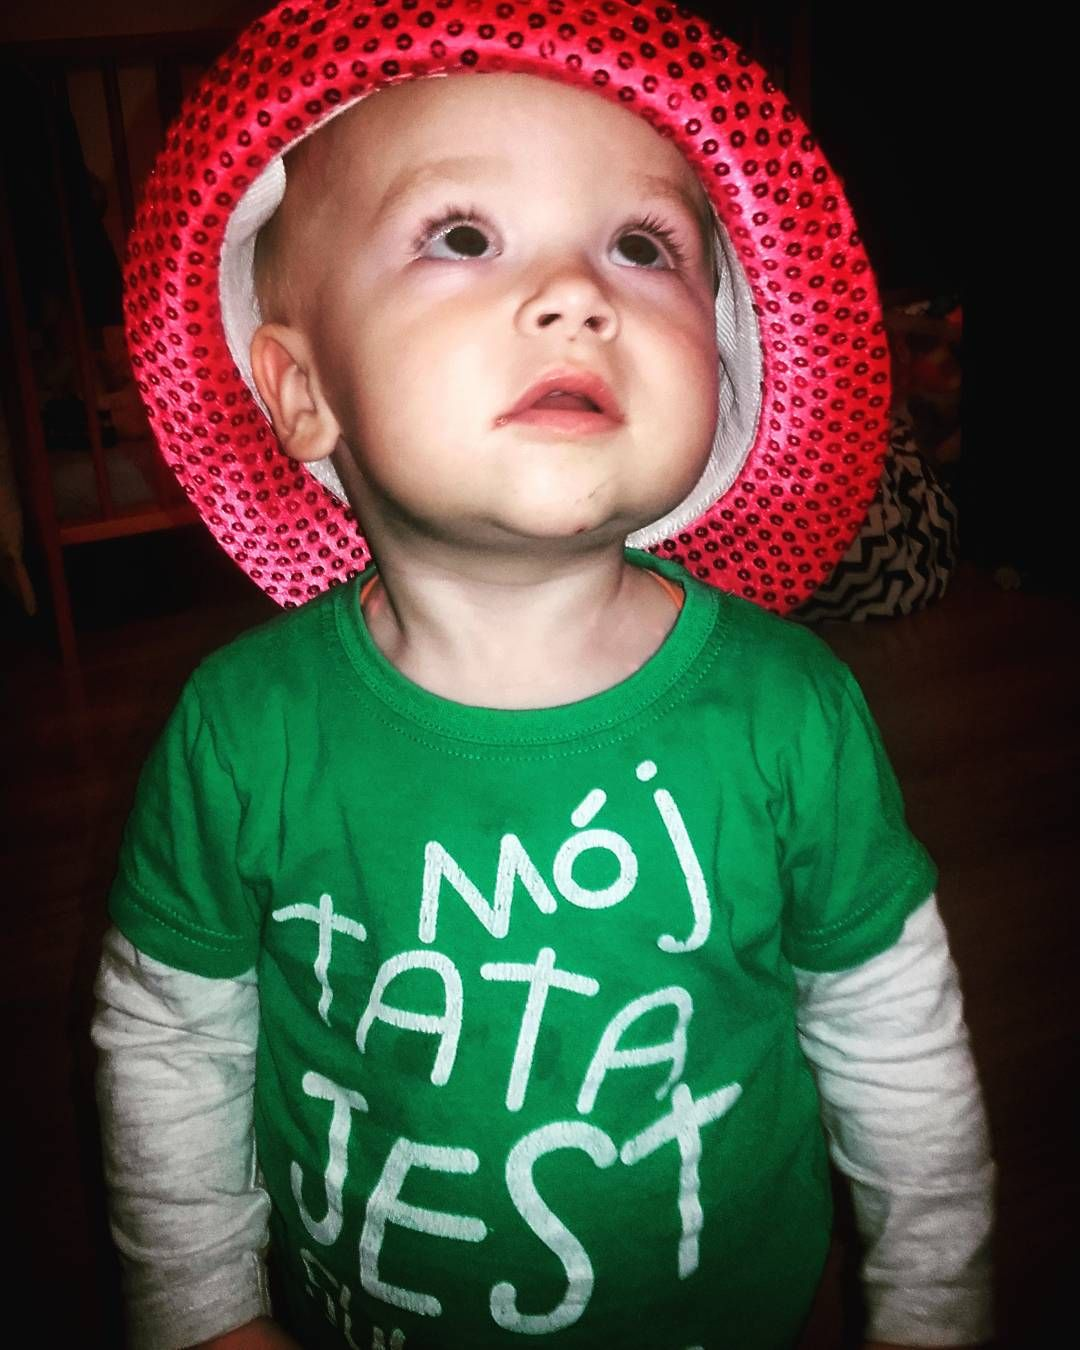 #instadziecko#instamatki#baby#fun#happy#kids#synek#kochamnajmocniejnaswiecie  by elena.6.21.21